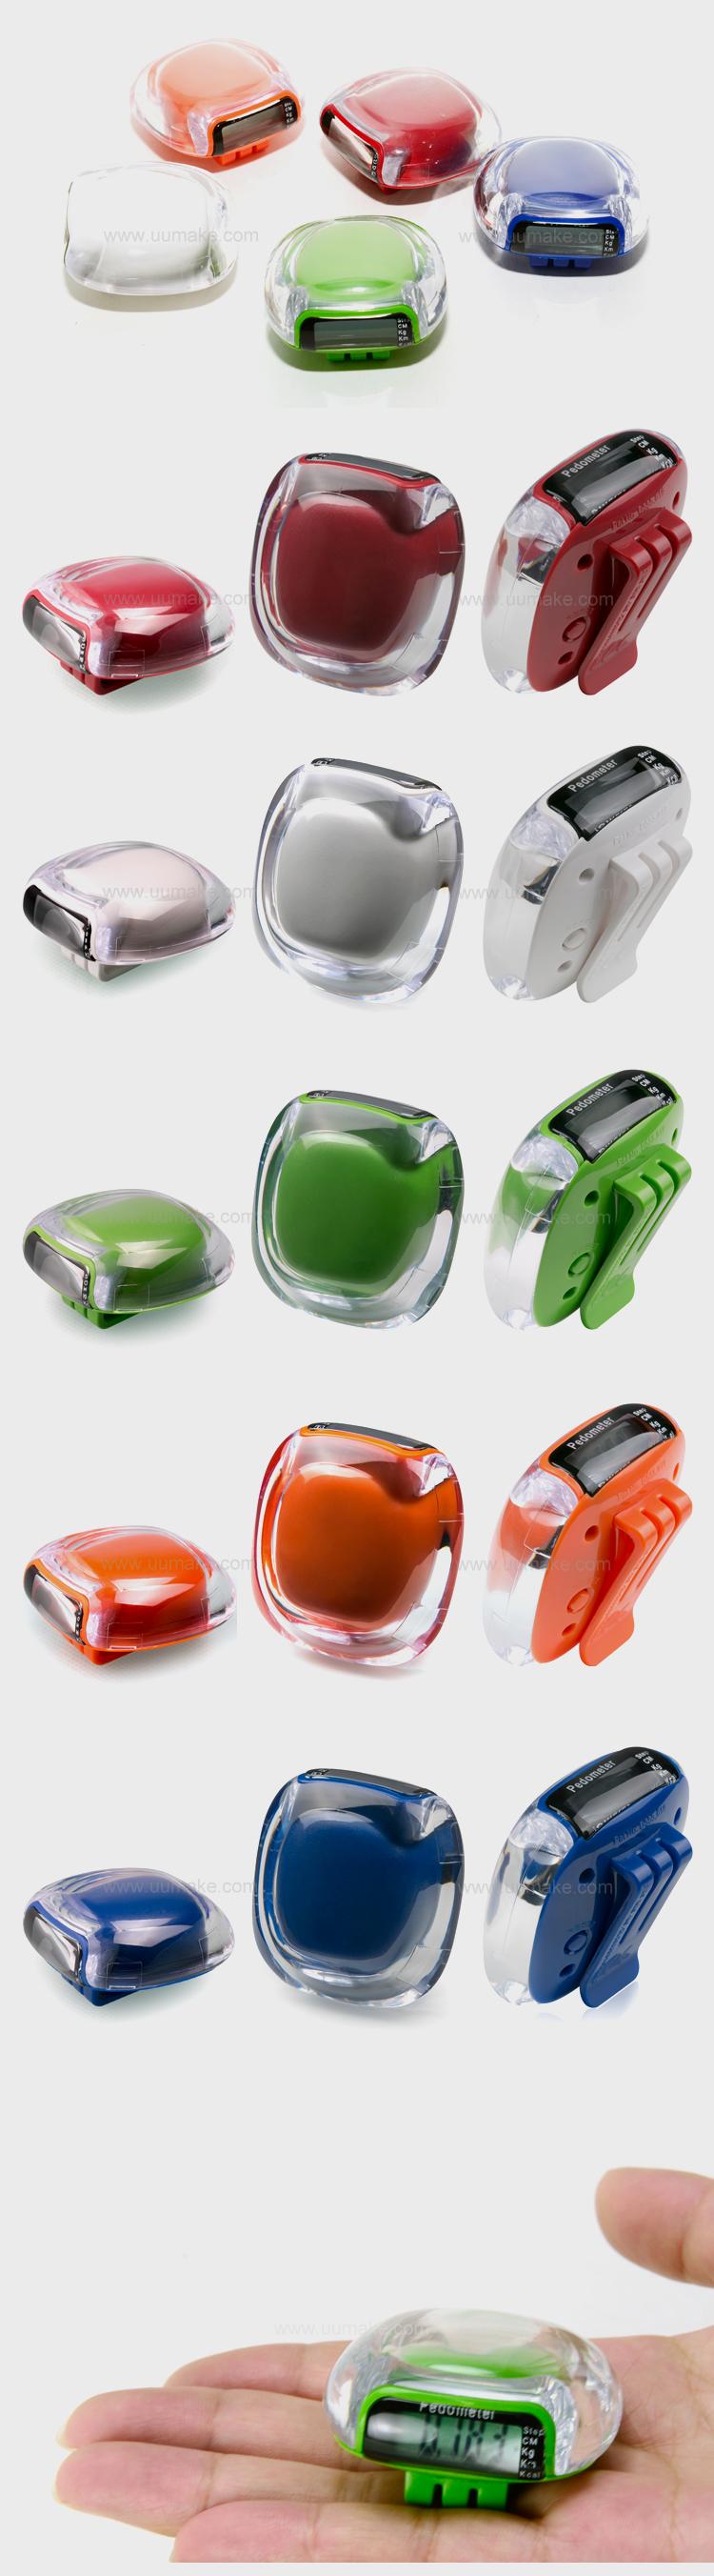 傳感記憶計步器,Call機計步器,跑步器,計步器,Pedometer,廣告禮品,促銷禮品,贈品,訂造,定做,批發,腰夾計步器